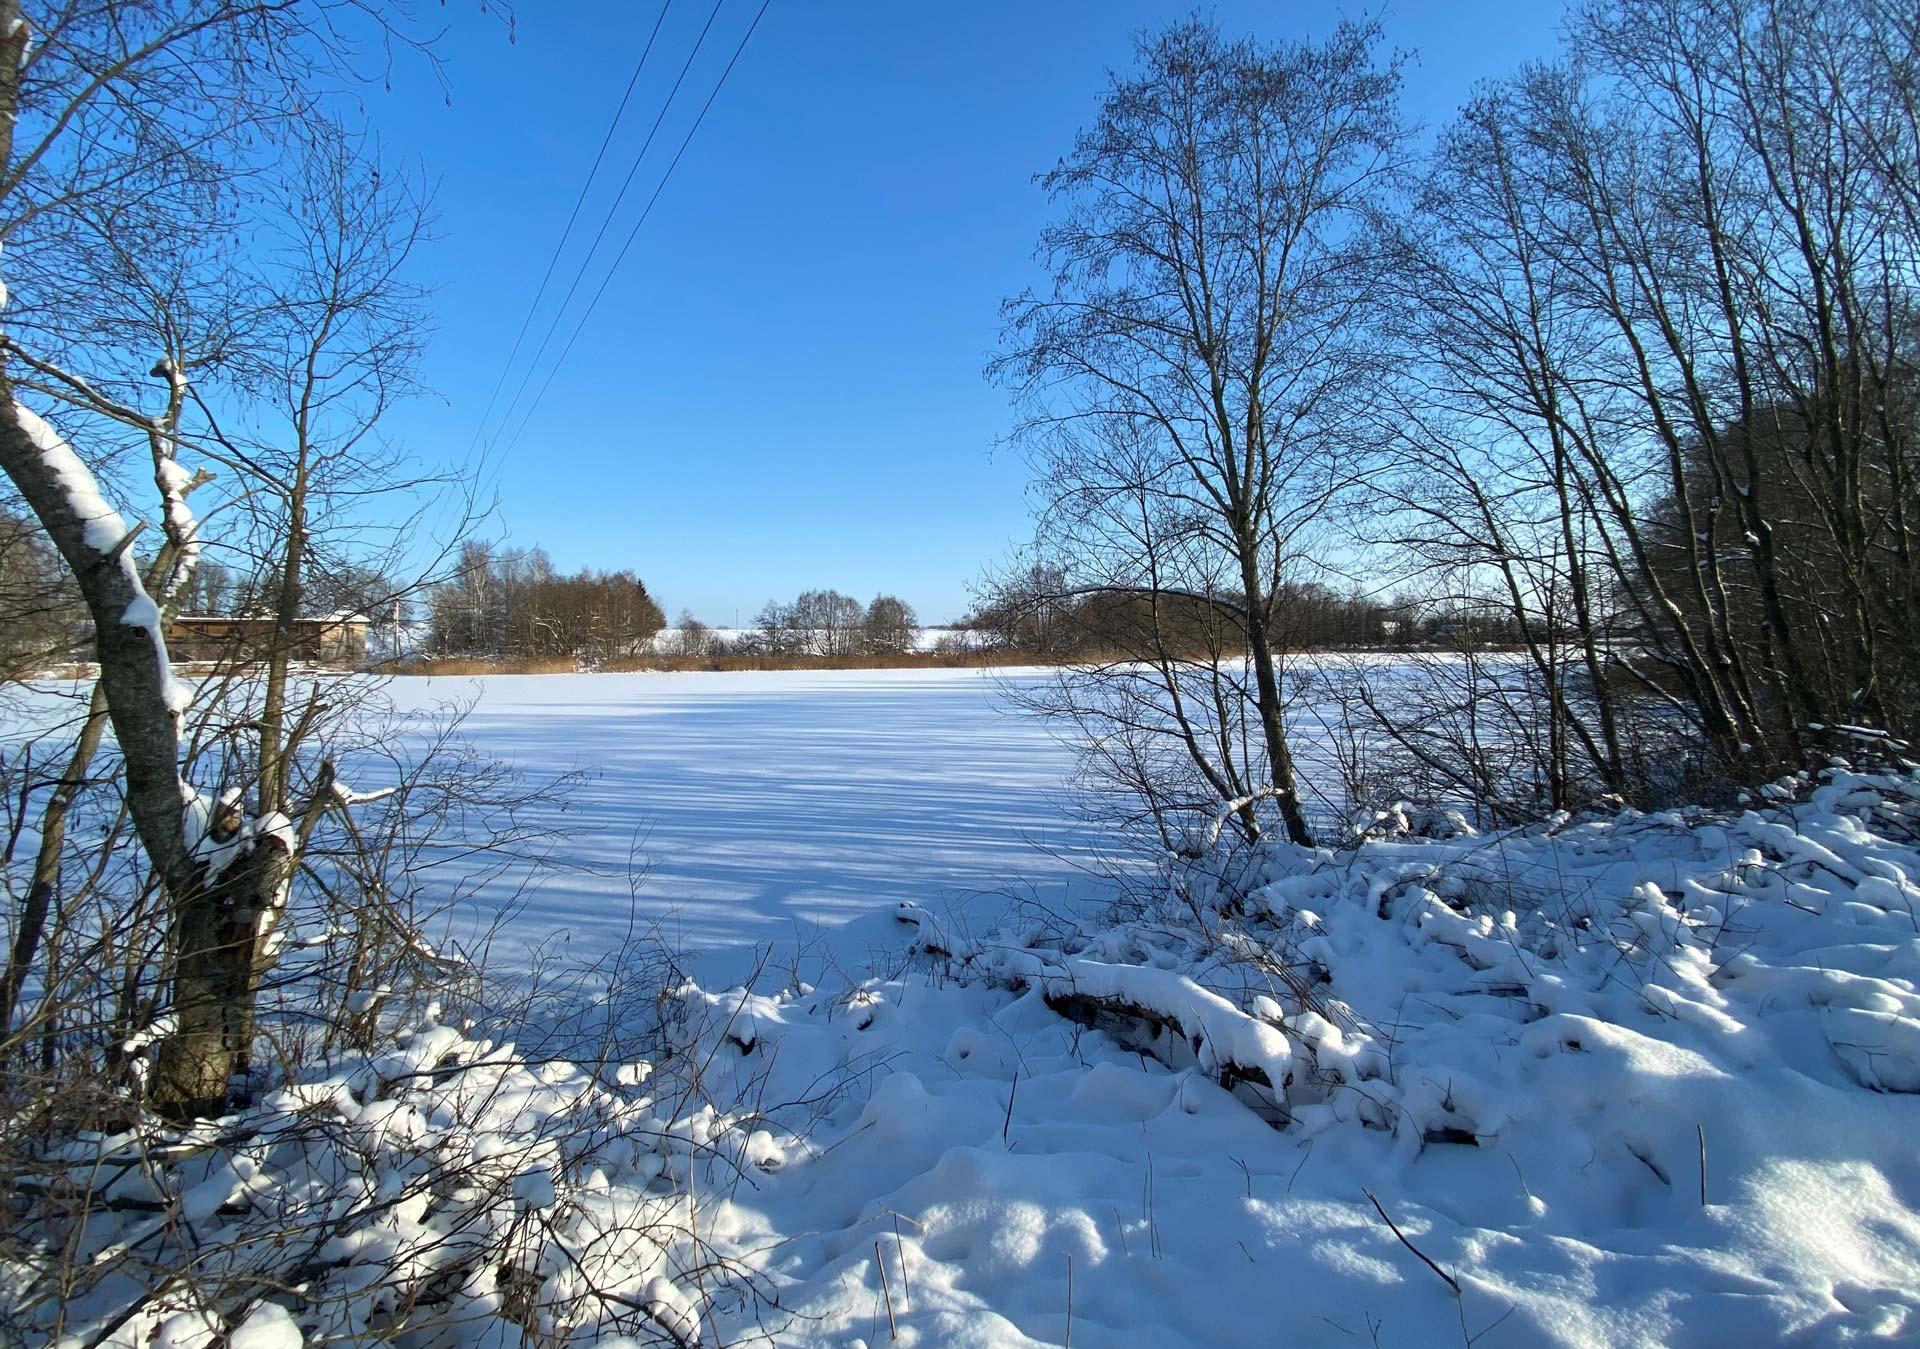 Sklypu masyvas ziema